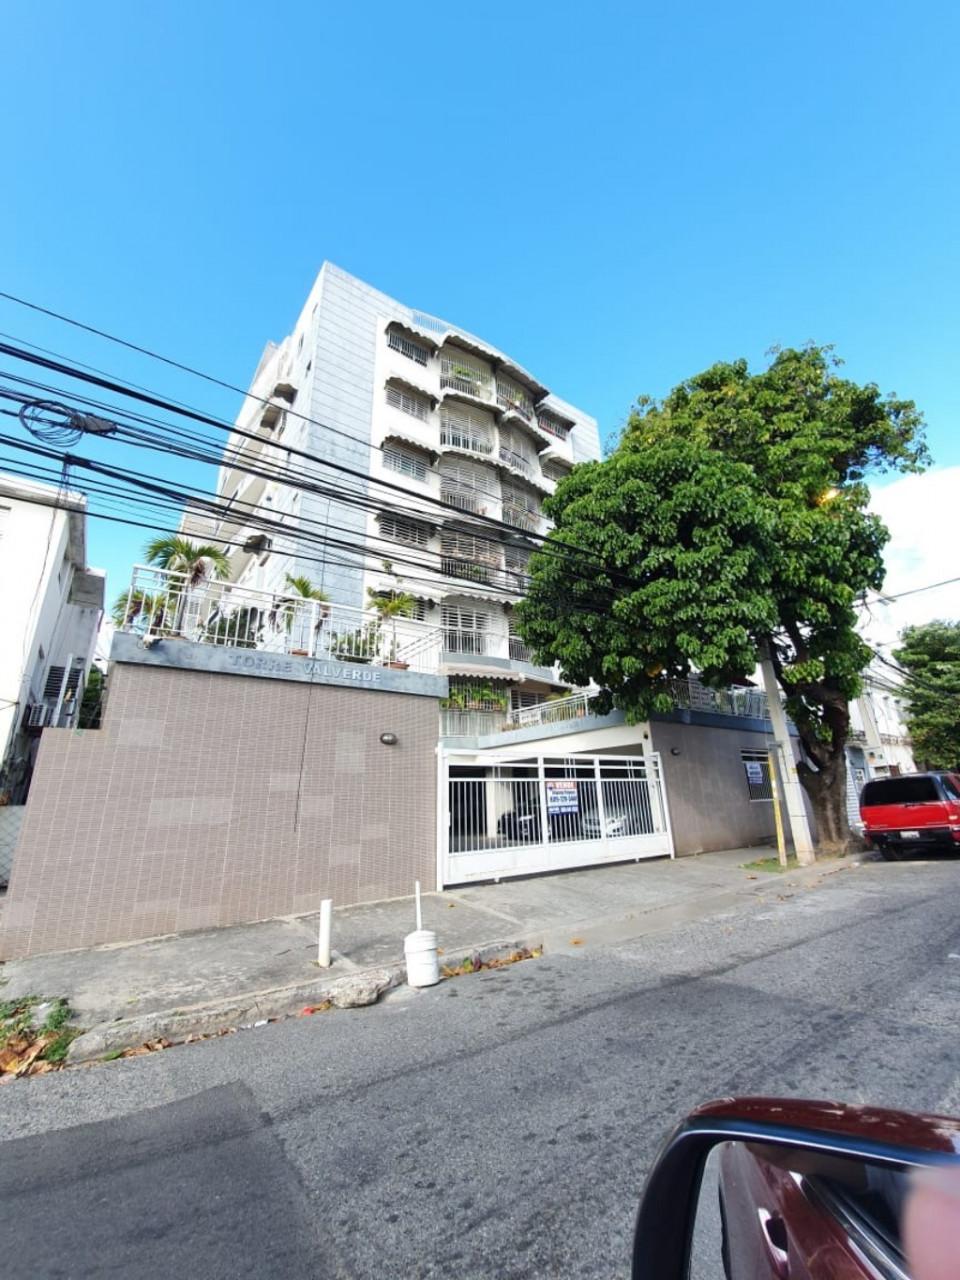 Apartamento en venta en el sector ZONA UNIVERSITARIA precio US$ 92,000.00 US$92,000